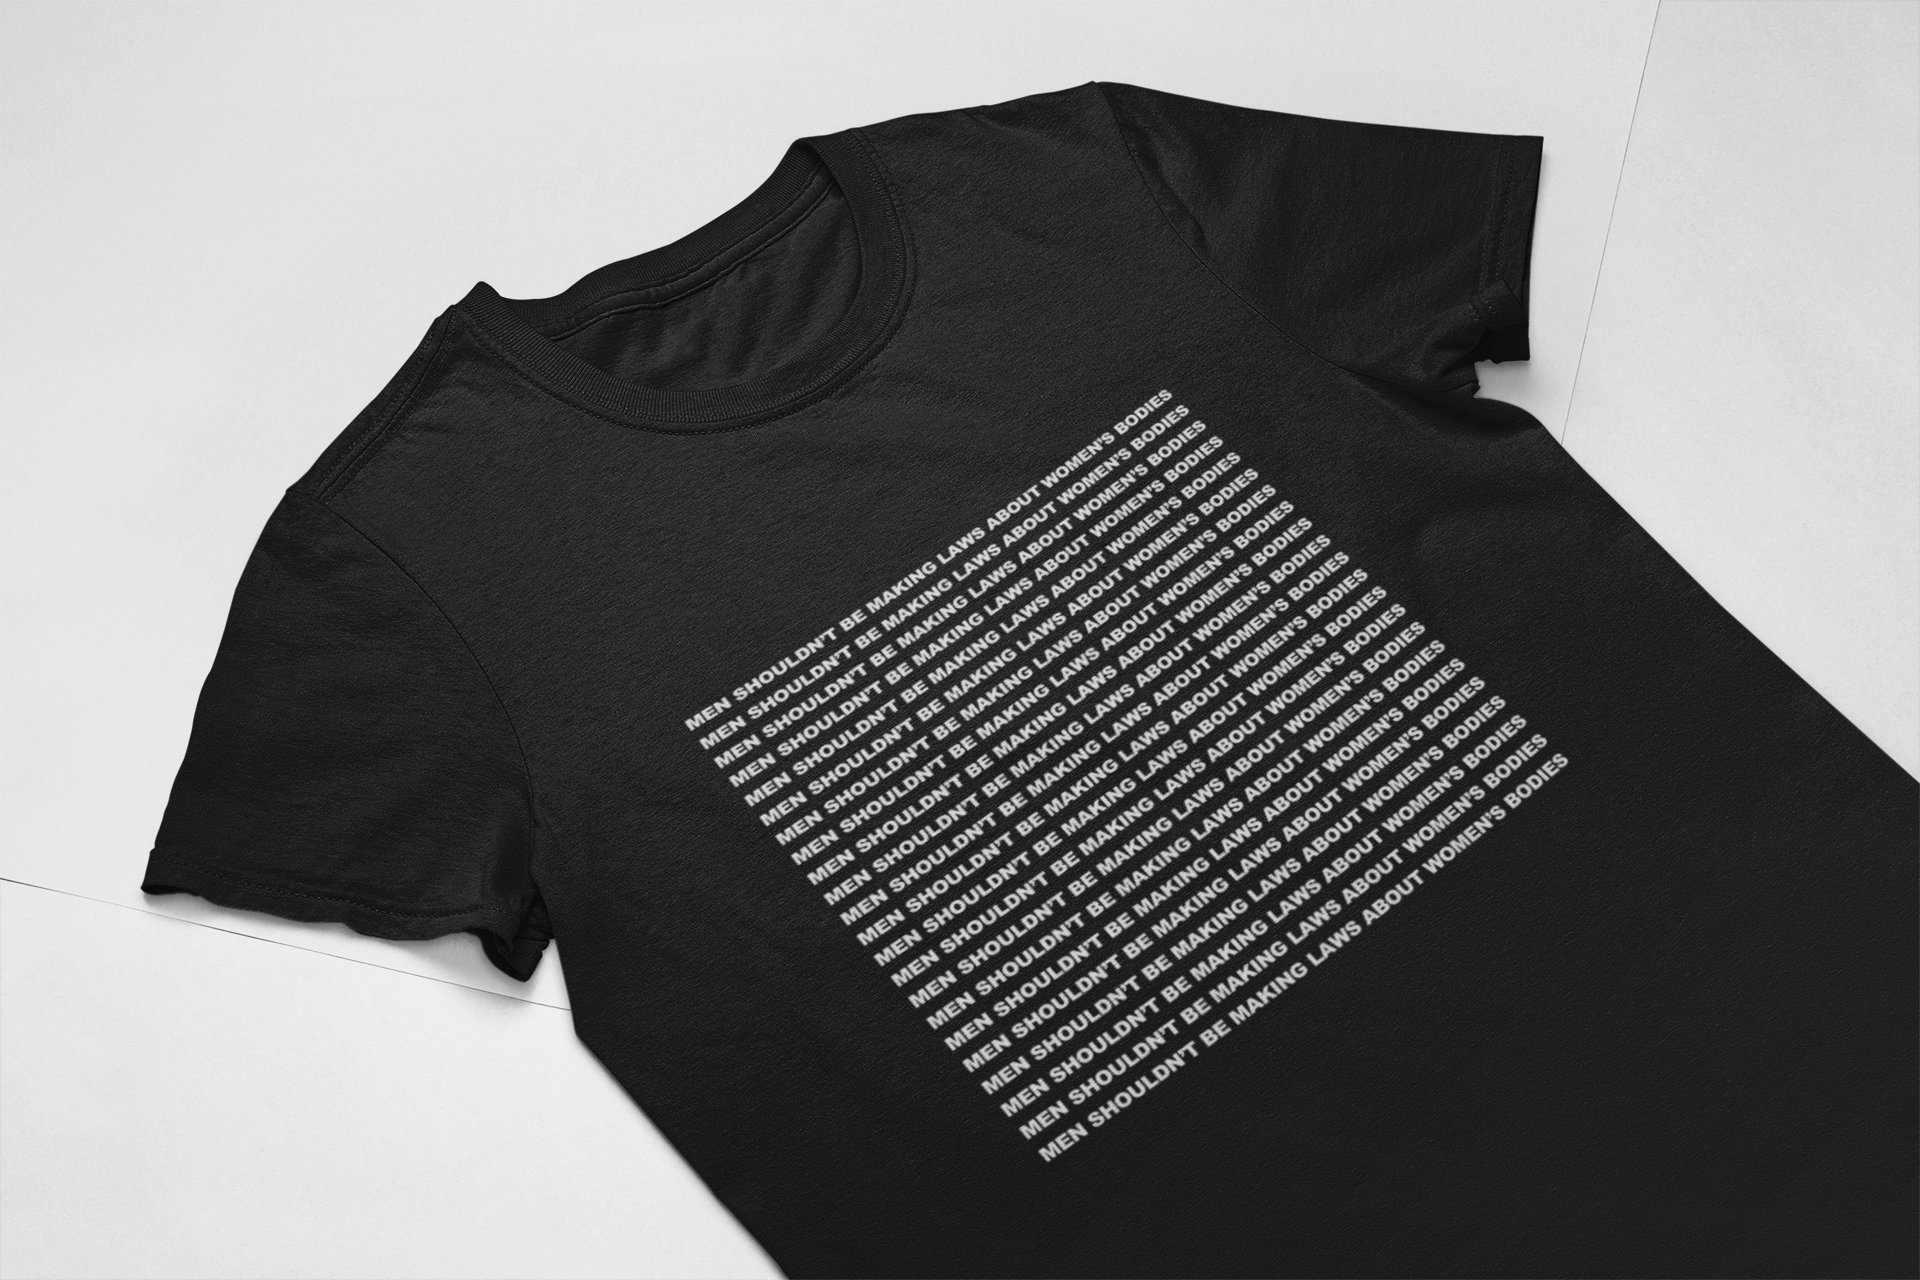 Kuakuayu HJN Mannen Mag niet Maken Wetten Over vrouwen Lichamen Slogan T-Shirt vrouwen Menselijk Rechts Tee Feministische shirt